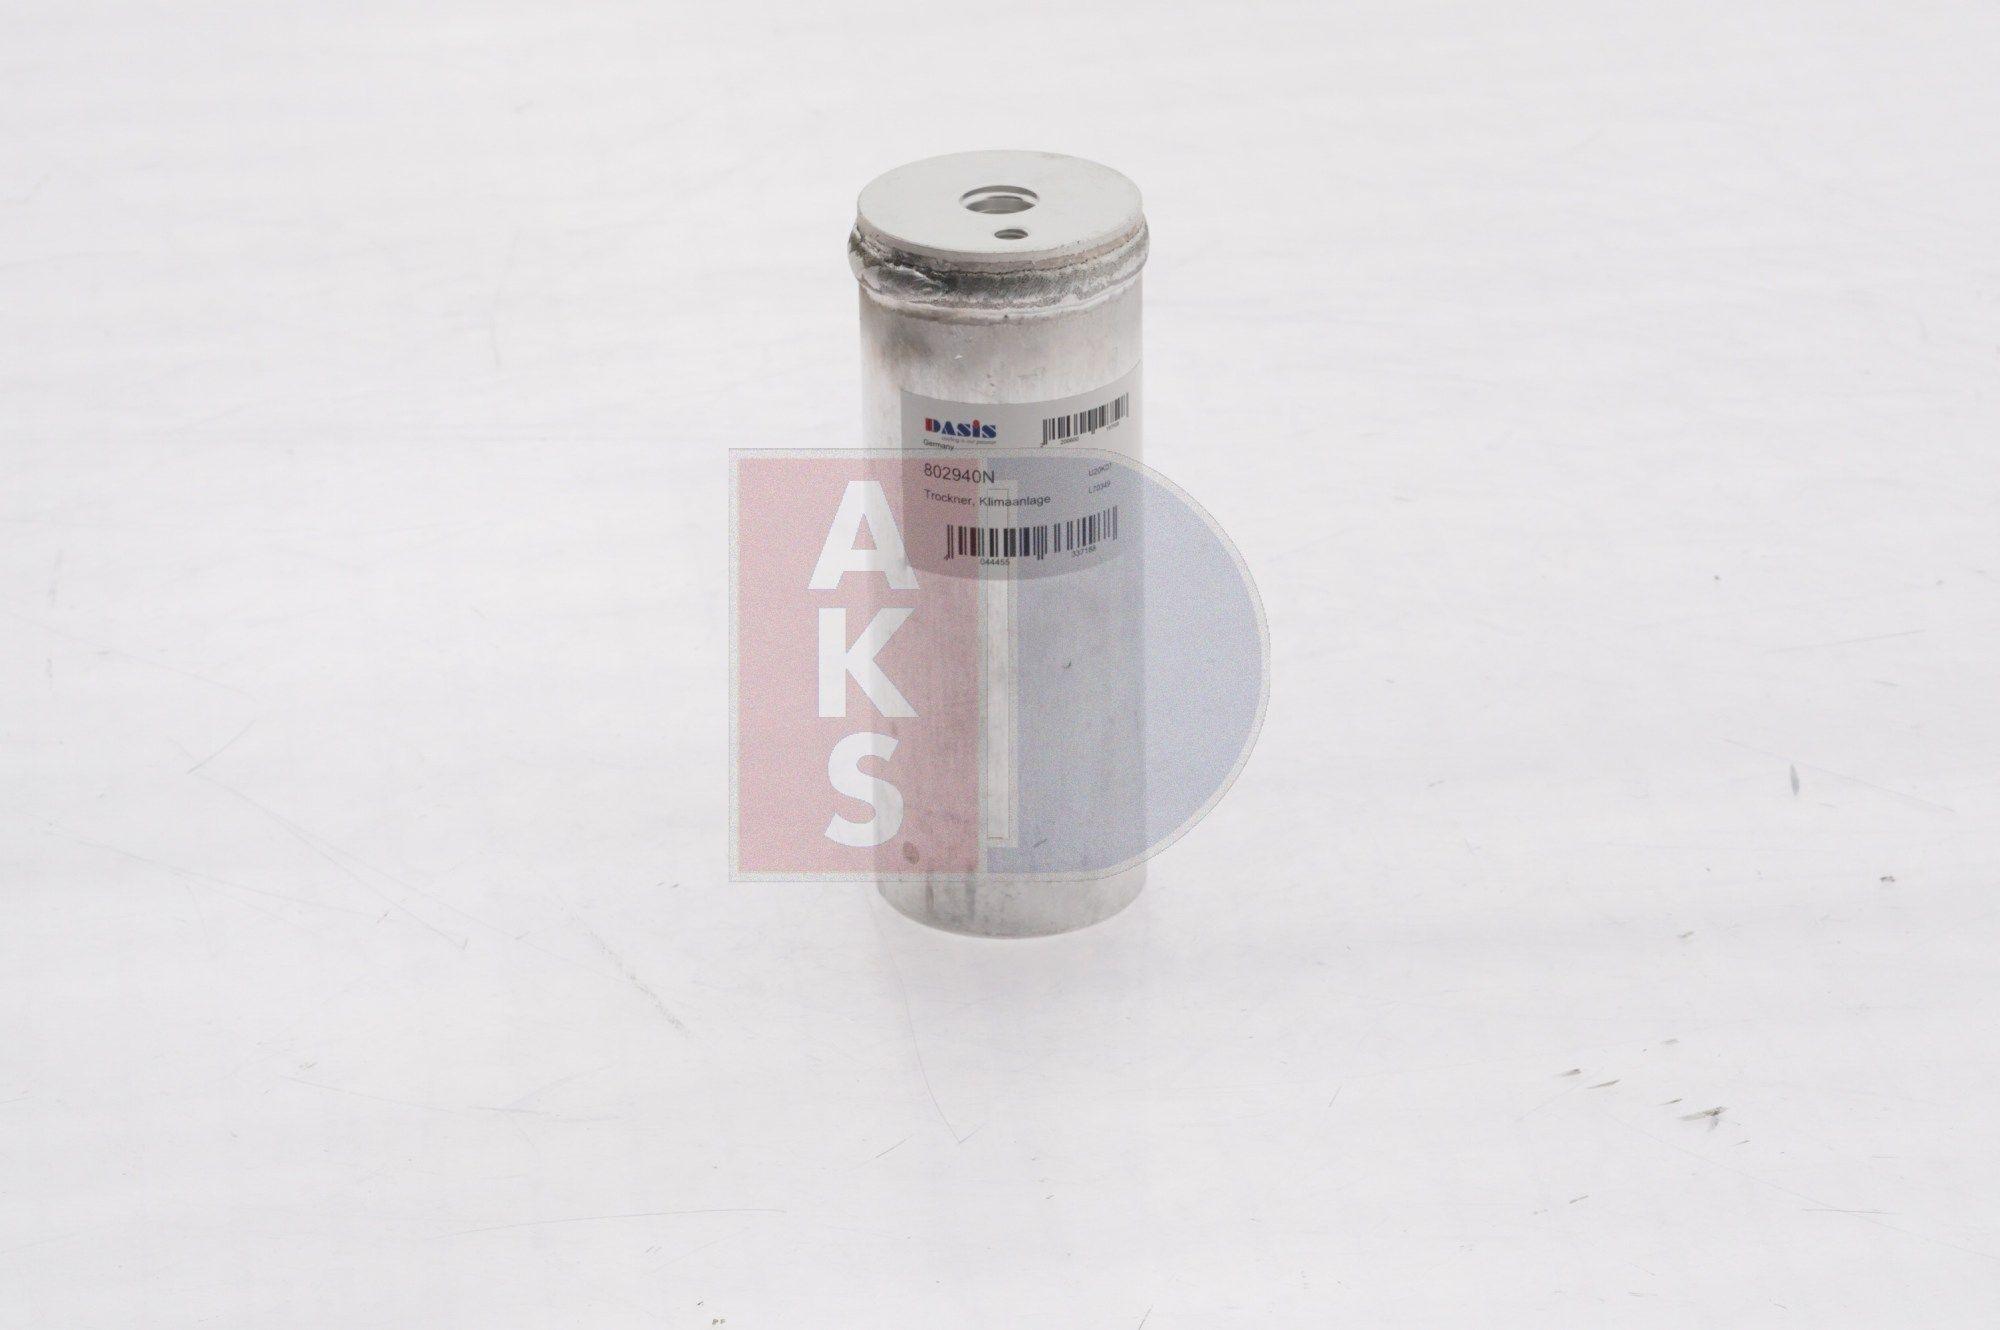 AKS DASIS Αφυγραντήρας, σύστ. κλιματισμού 802940N